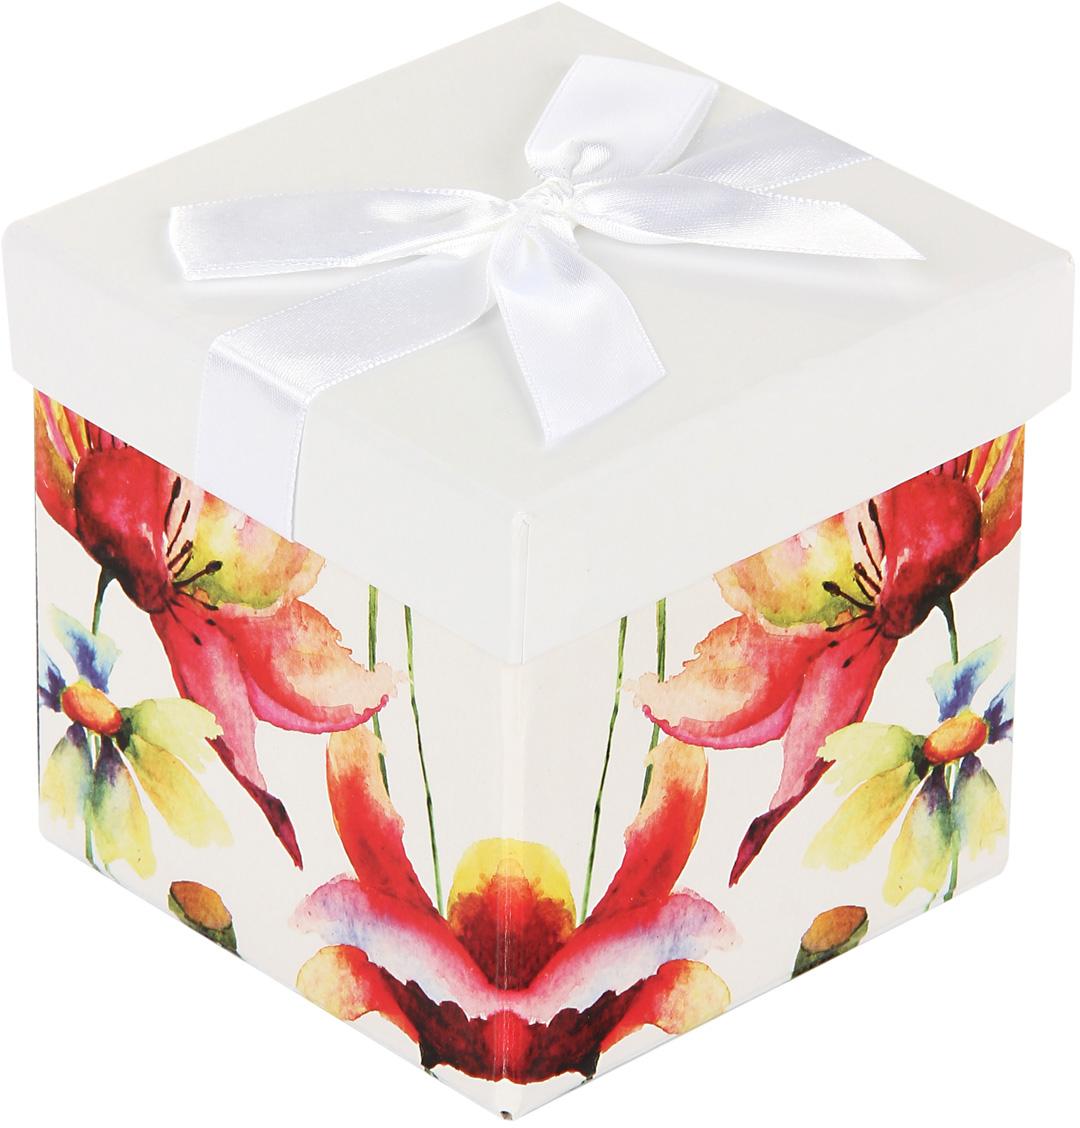 Коробка подарочная Veld-Co Giftbox. Трансформер. Нежные цветы, цвет: белый, 10,3 х 10,3 х 9,8 см59389Подарочная коробка Veld-Co - это наилучшее решение, если выхотите порадовать ваших близких и создать праздничное настроение, ведь подарок, преподнесенный в оригинальной упаковке, всегда будет самым эффектным и запоминающимся. Окружите близких людей вниманием и заботой, вручив презент в нарядном, праздничном оформлении.